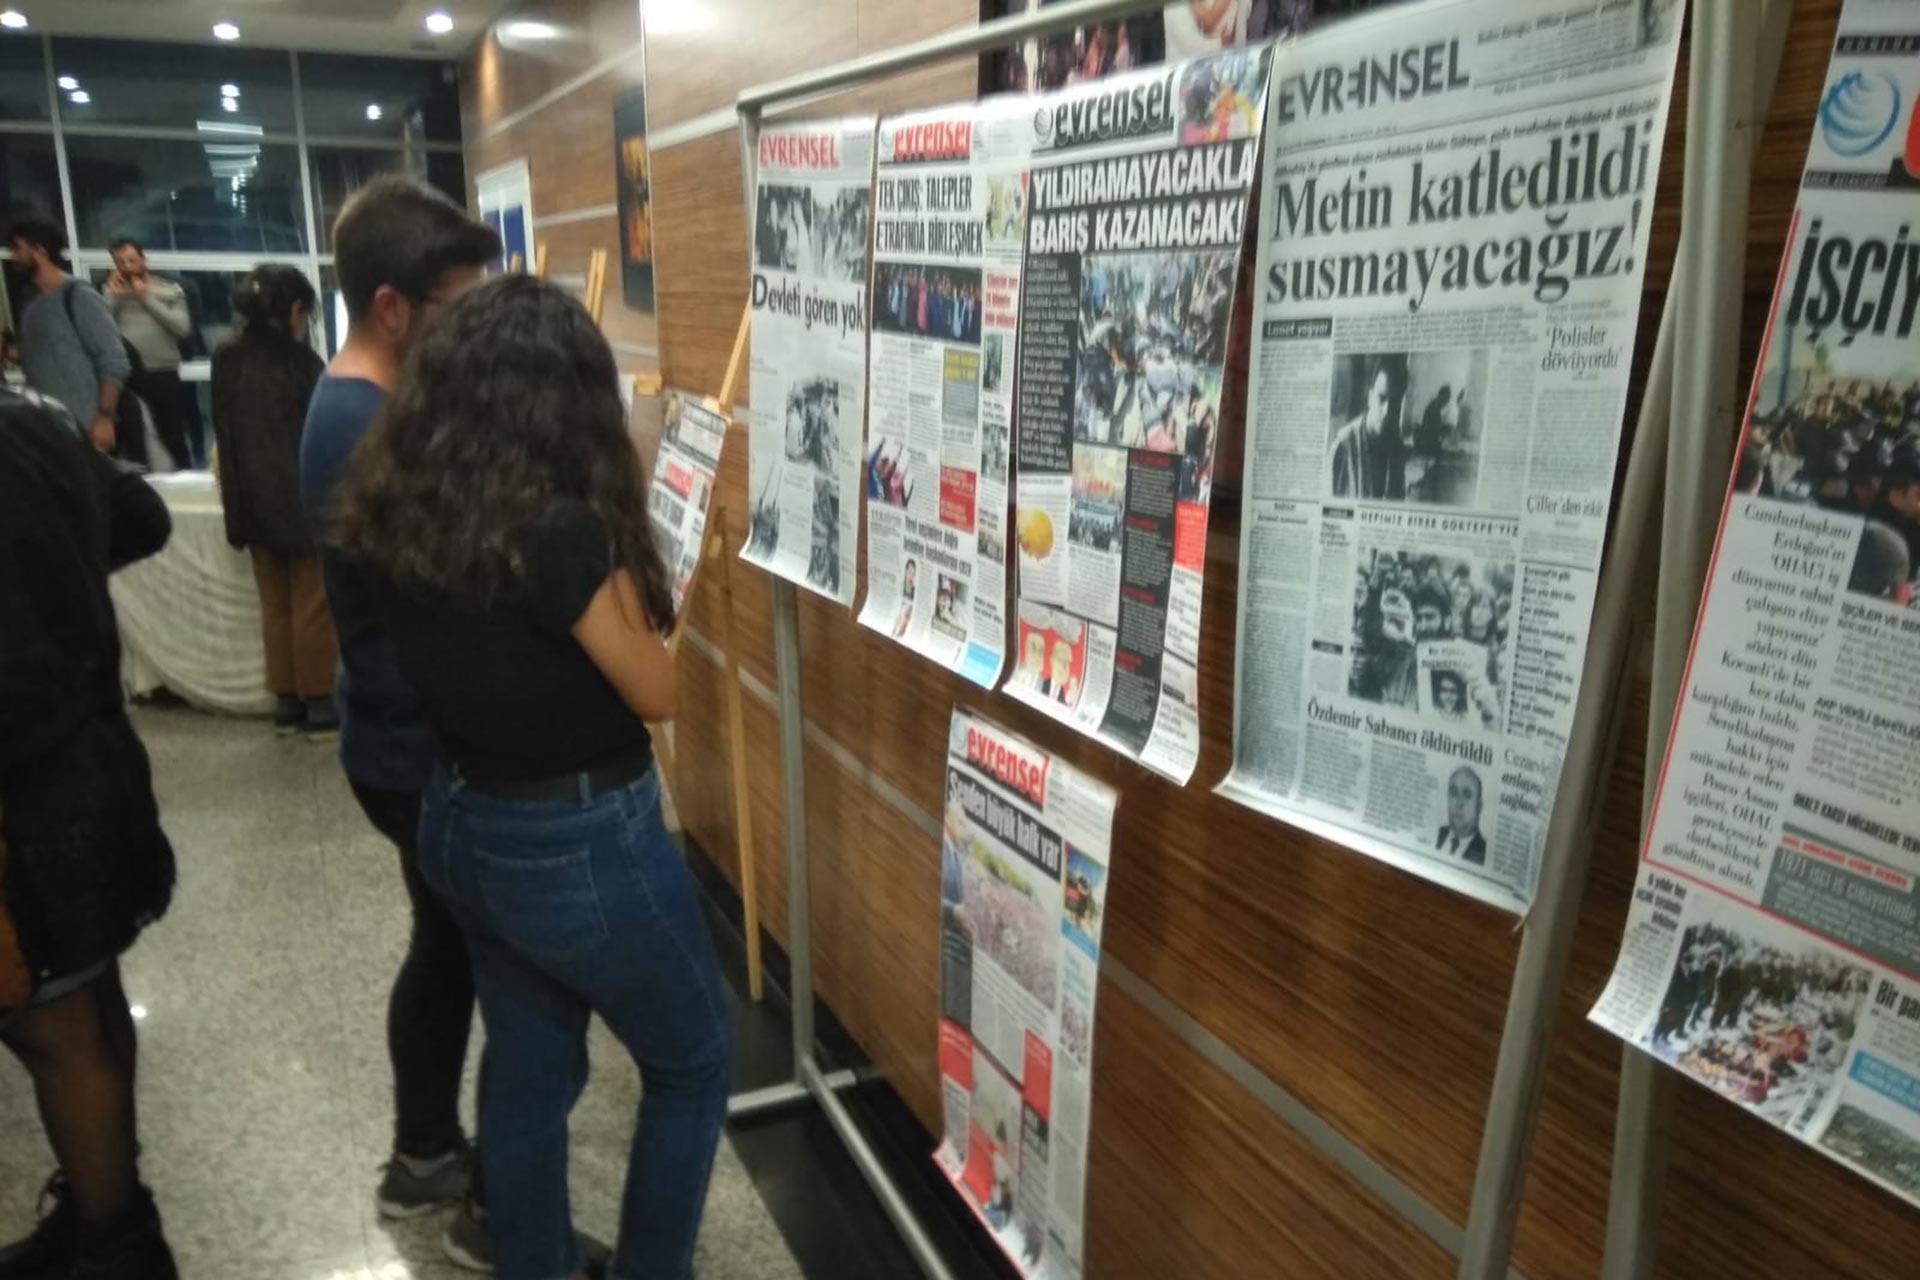 Etkinlikte Evrensel gazetesinin 25 yıl içerisinde basılan manşetlerinden bir sergi sunuldu